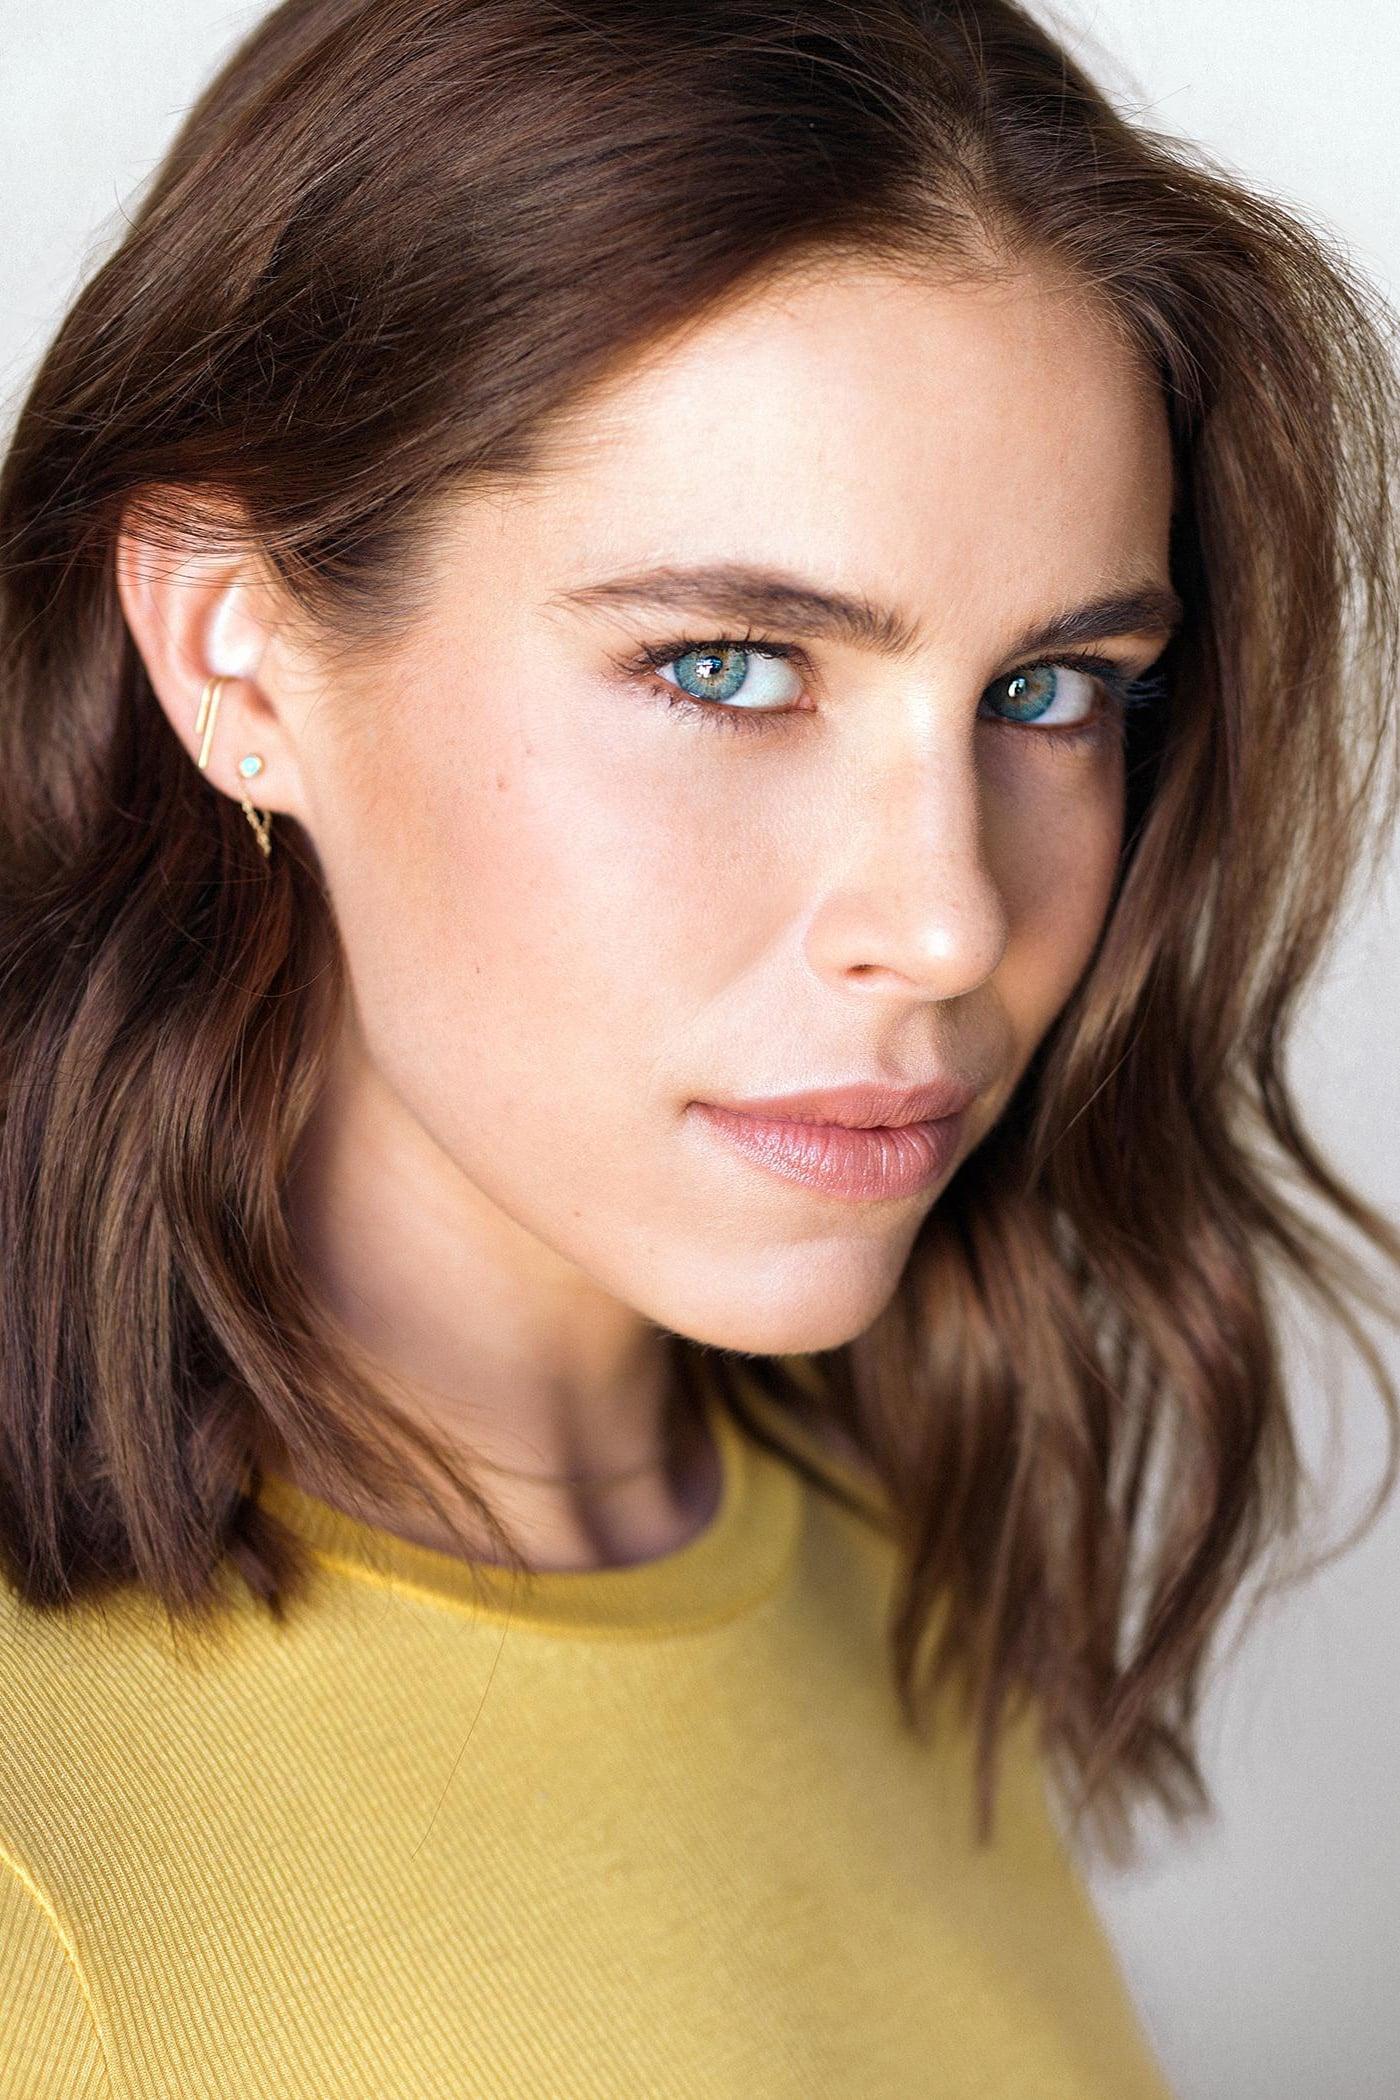 Alexandra Turshen